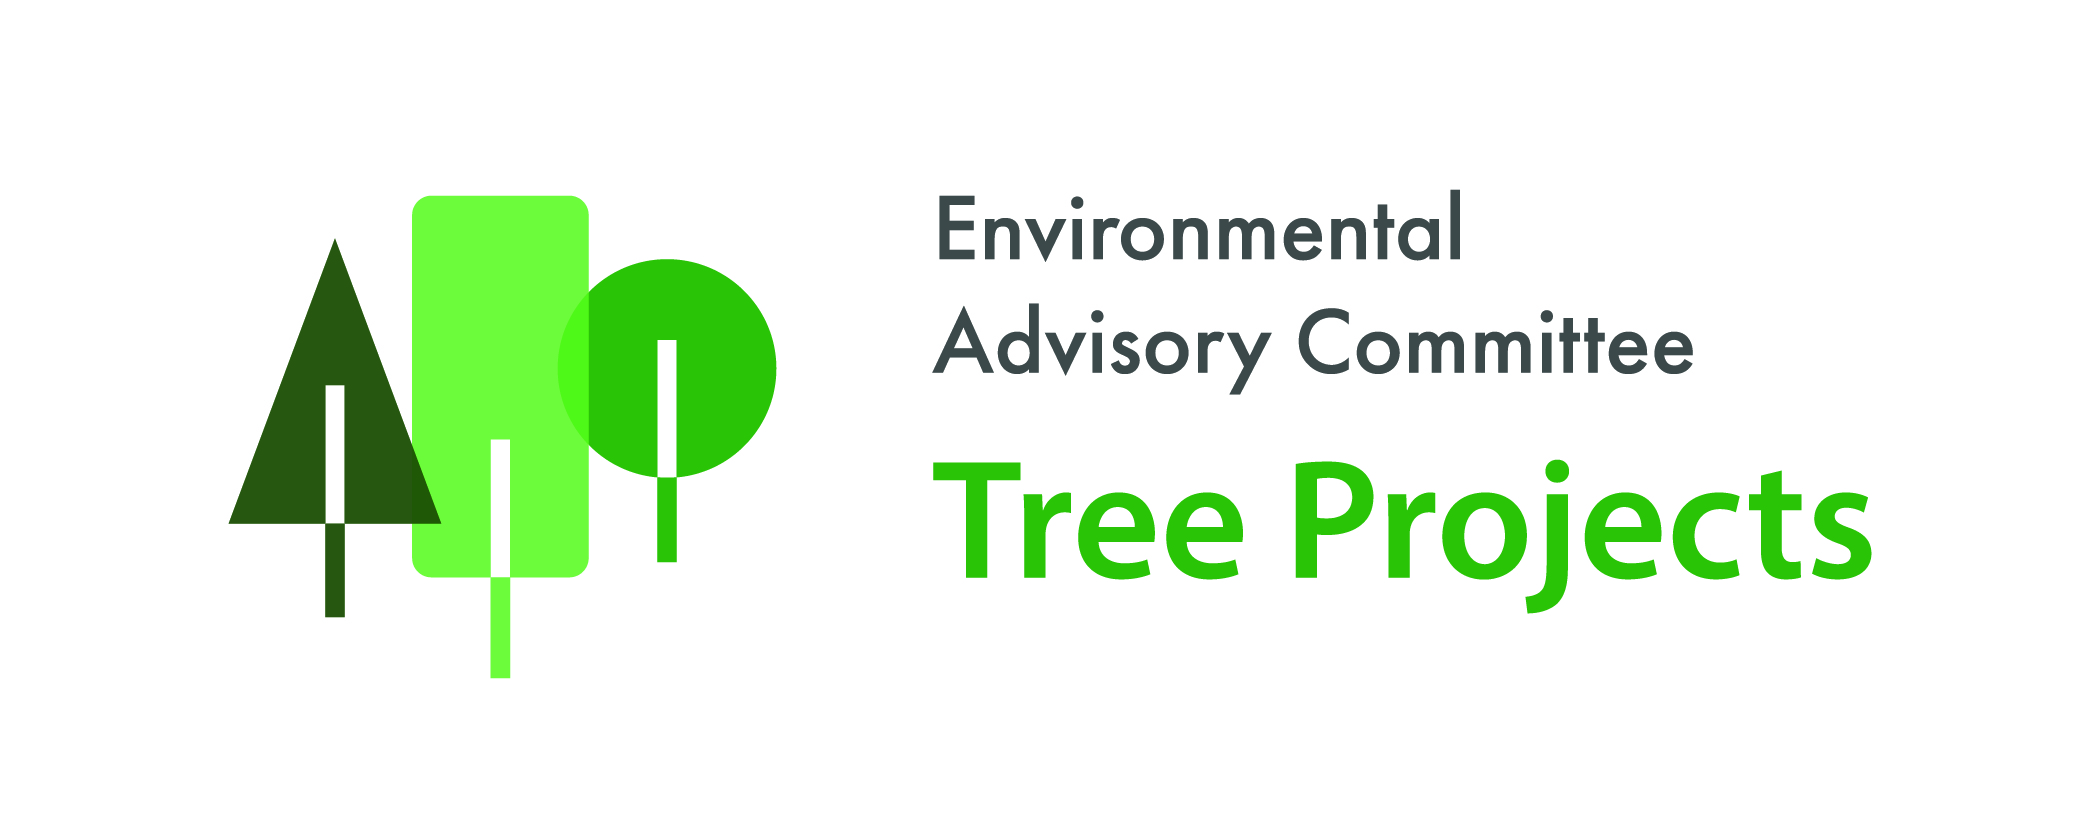 Environmental Advisory Committee Tree Projects Logo - Horizontal